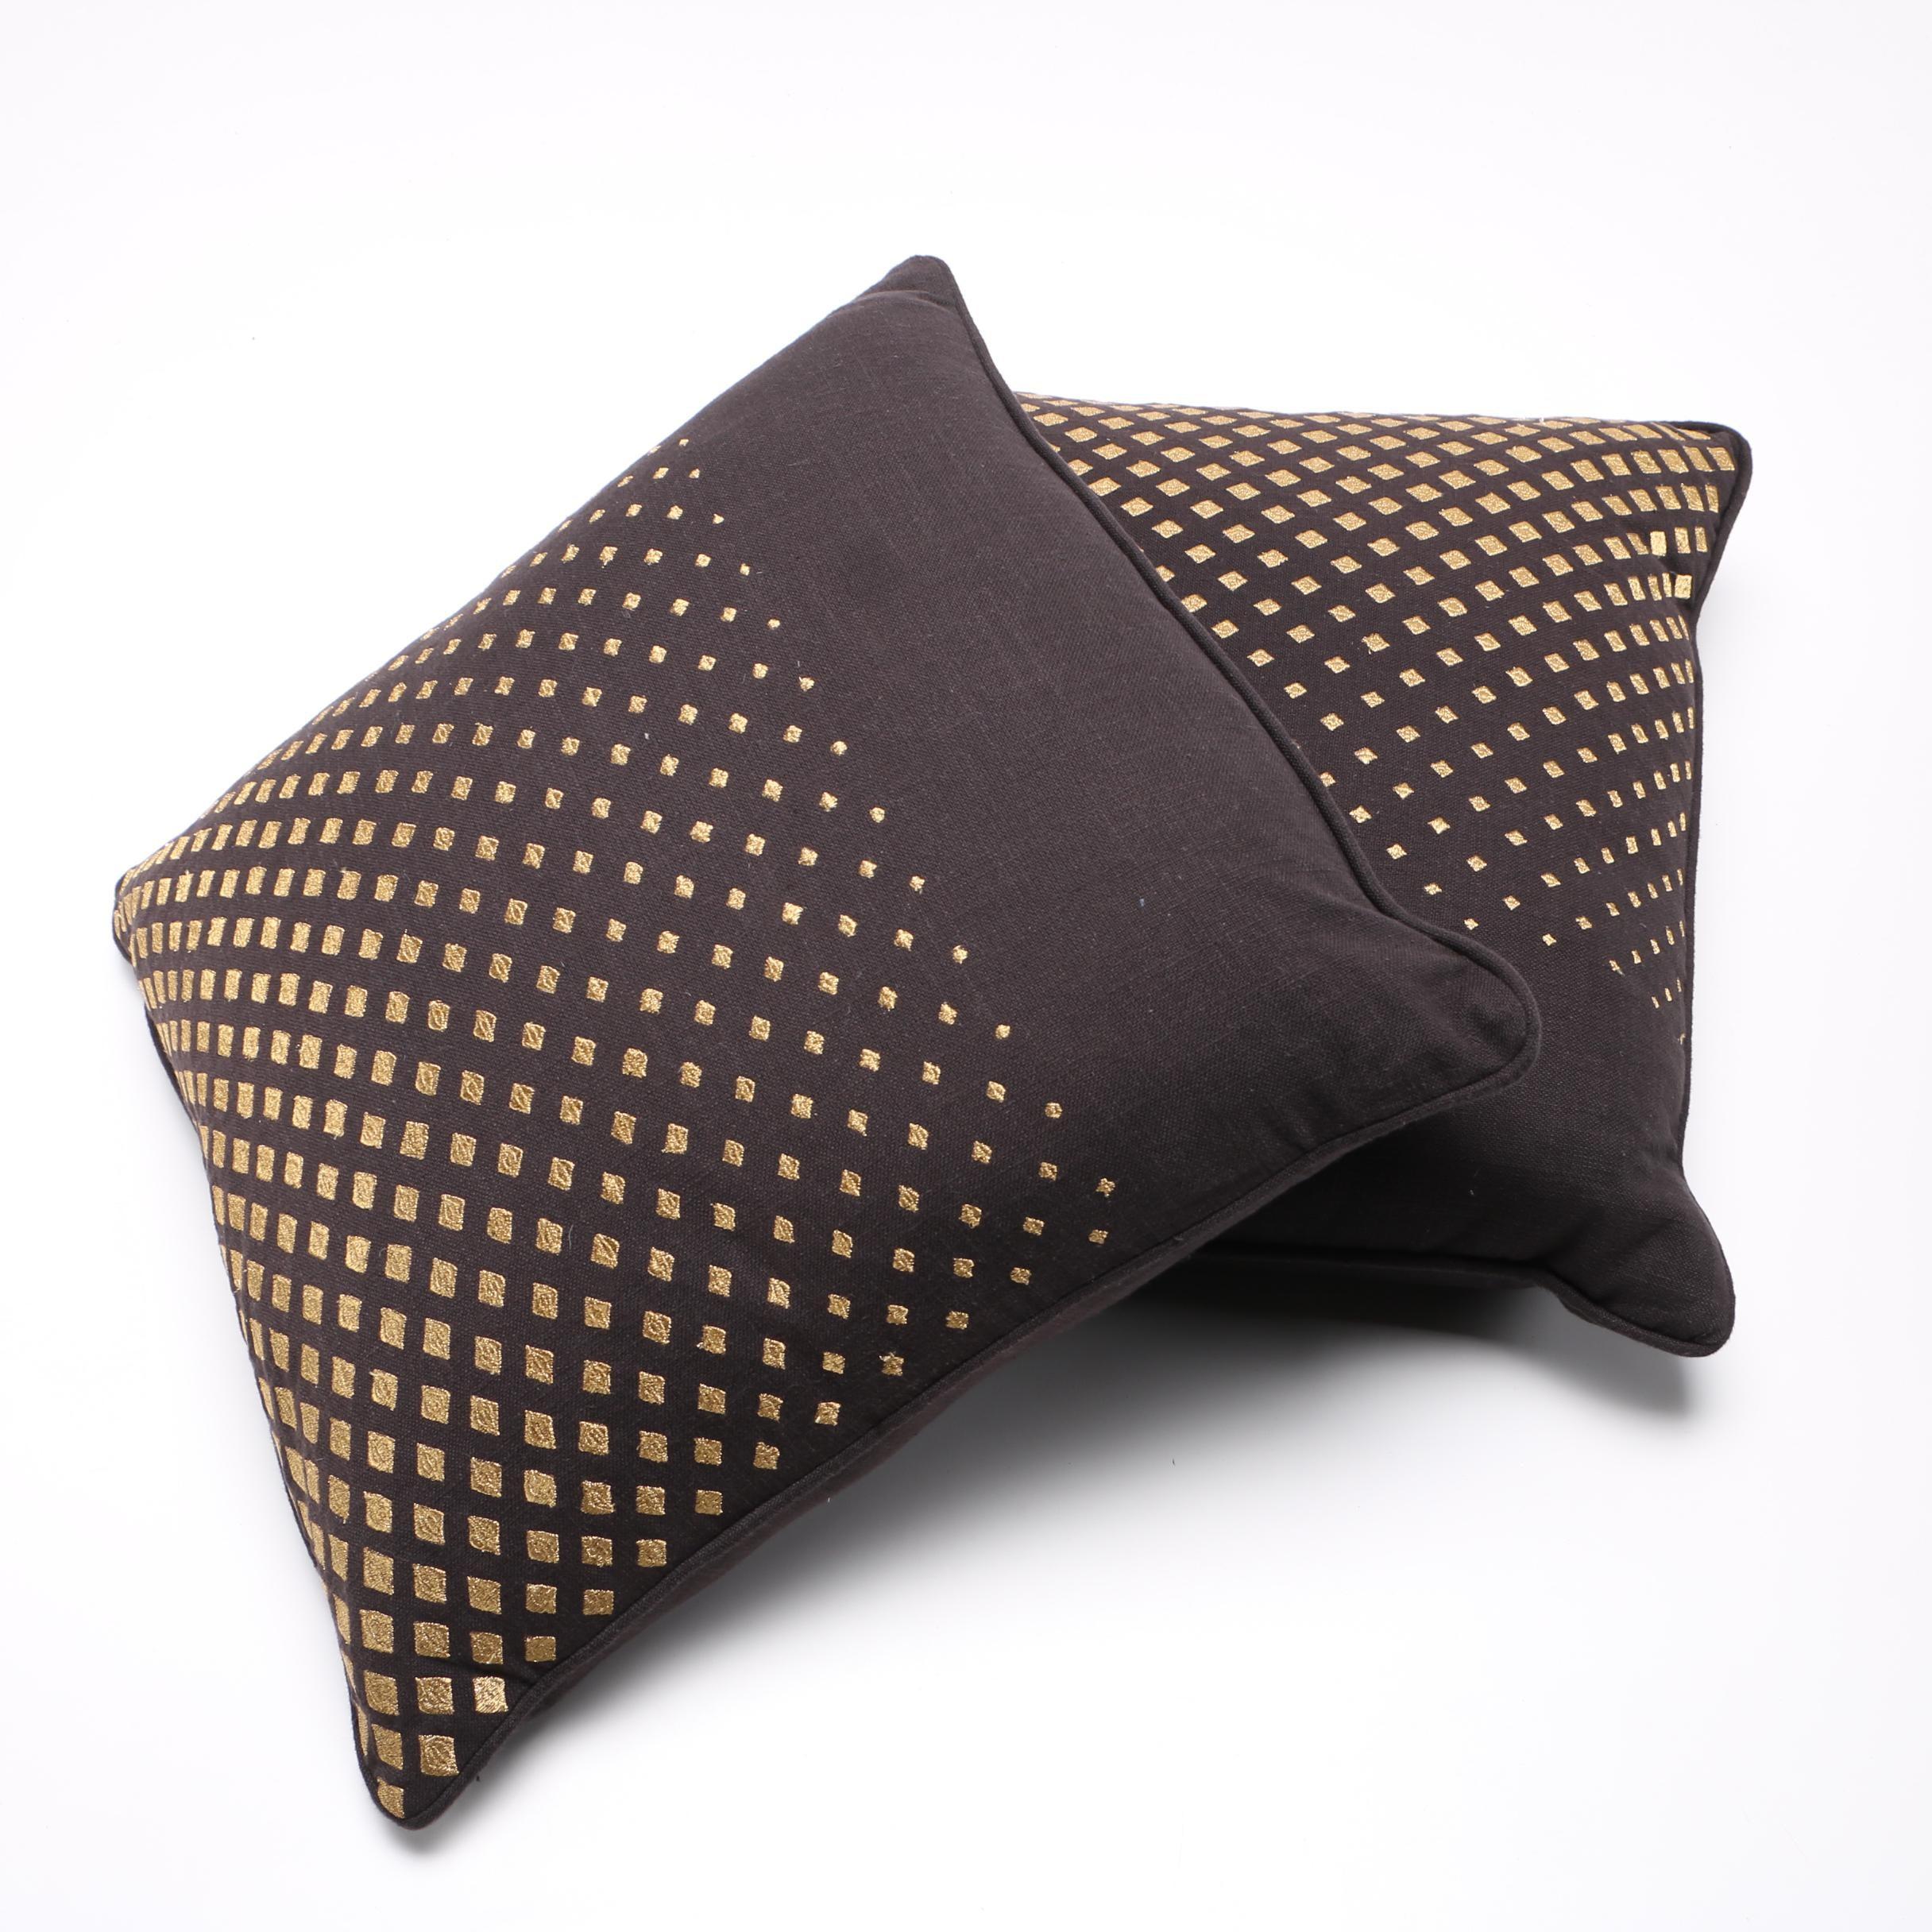 Black and Gold Tone Villa Throw Pillows